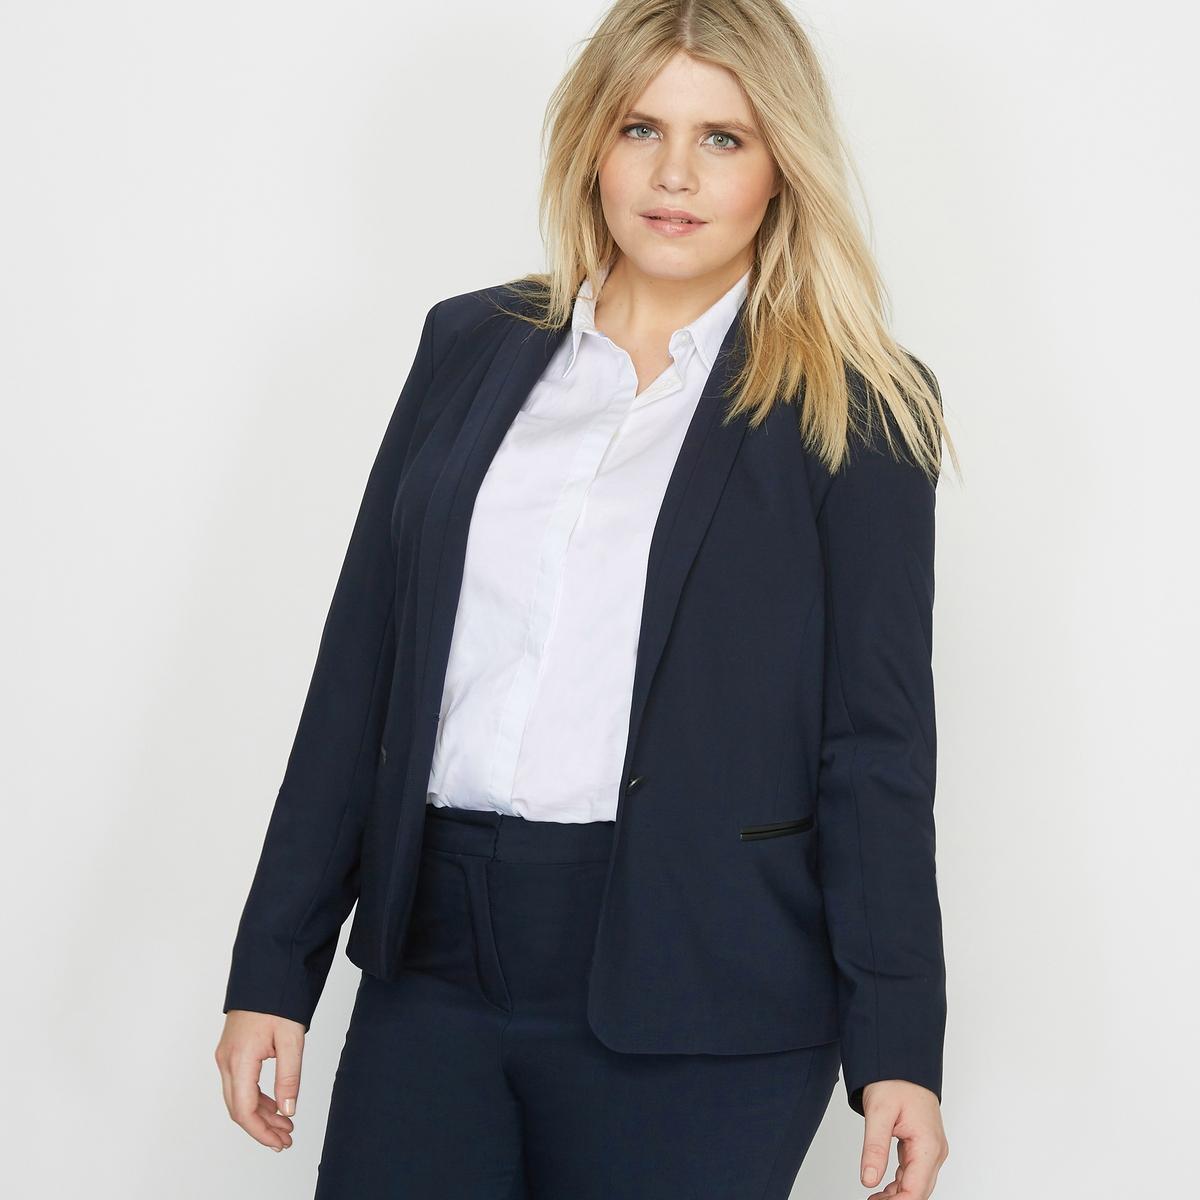 Пиджак костюмный из полушерсти1 внутренний карман с застежкой на пуговицу.Состав и описание :Материал : 53 % полиэстера, 43 % шерсти, 4 % эластана . Подкладка из 100 % полиэстера . Длина : 57 см.. Марка : CASTALUNAУход : Сухая чистка..<br><br>Цвет: темно-синий,черный<br>Размер: 48 (FR) - 54 (RUS).50 (FR) - 56 (RUS)